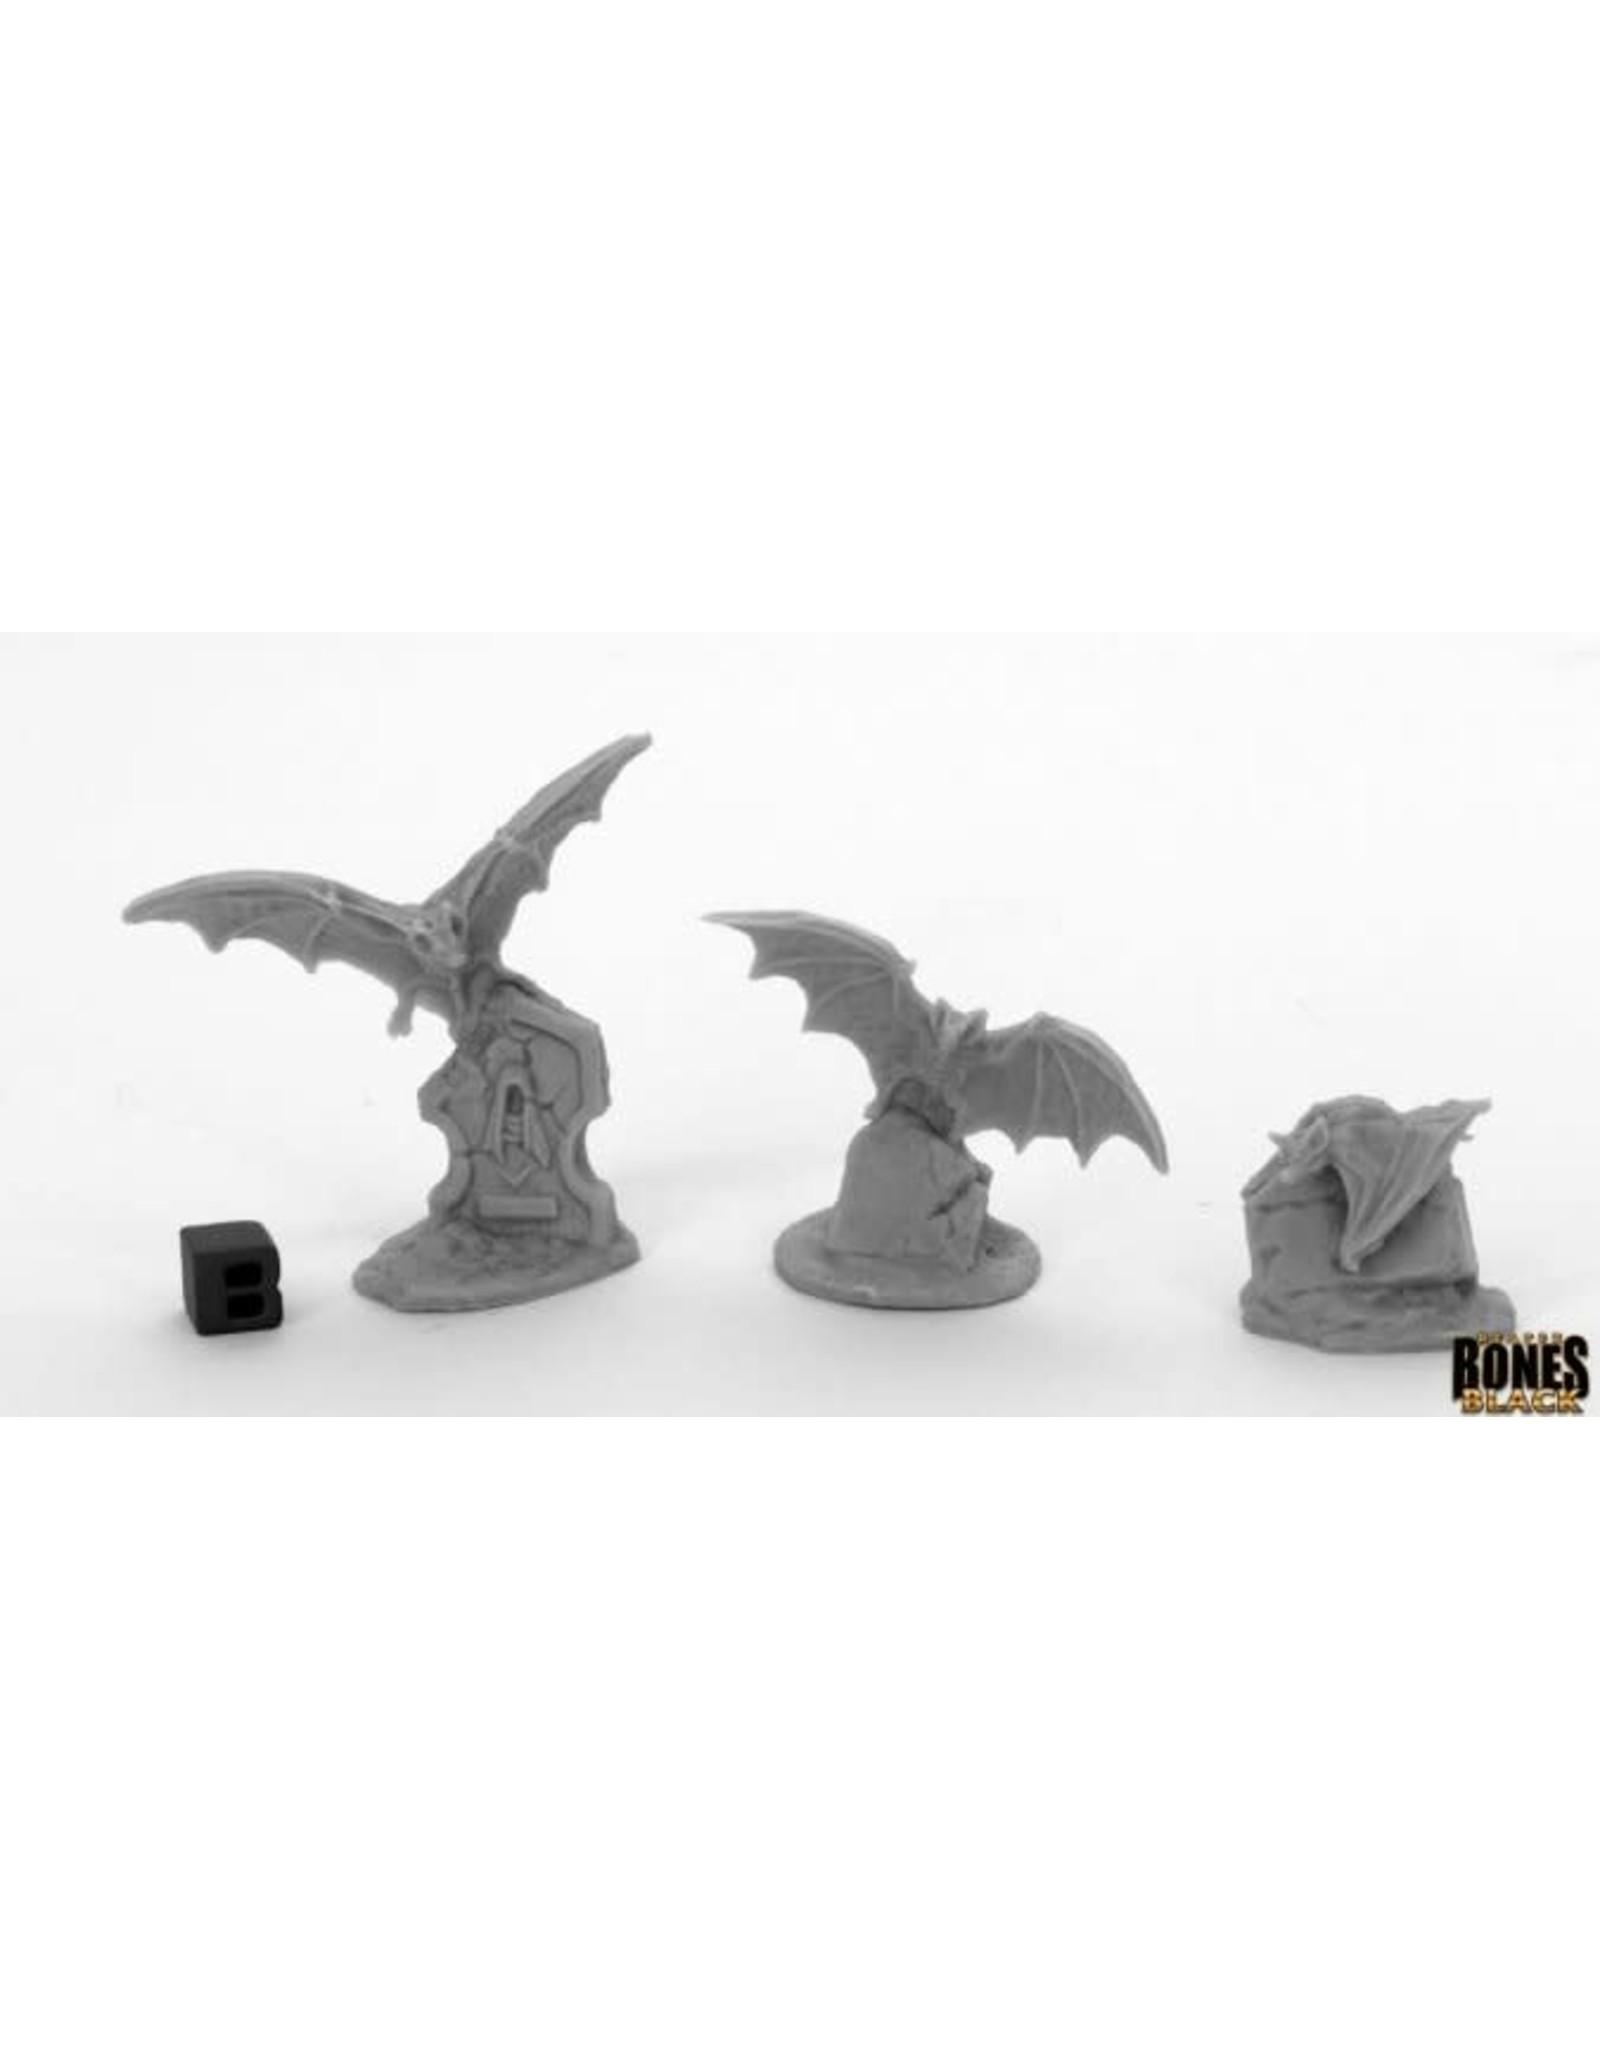 Reaper Miniatures Bones Black: Giant Bats